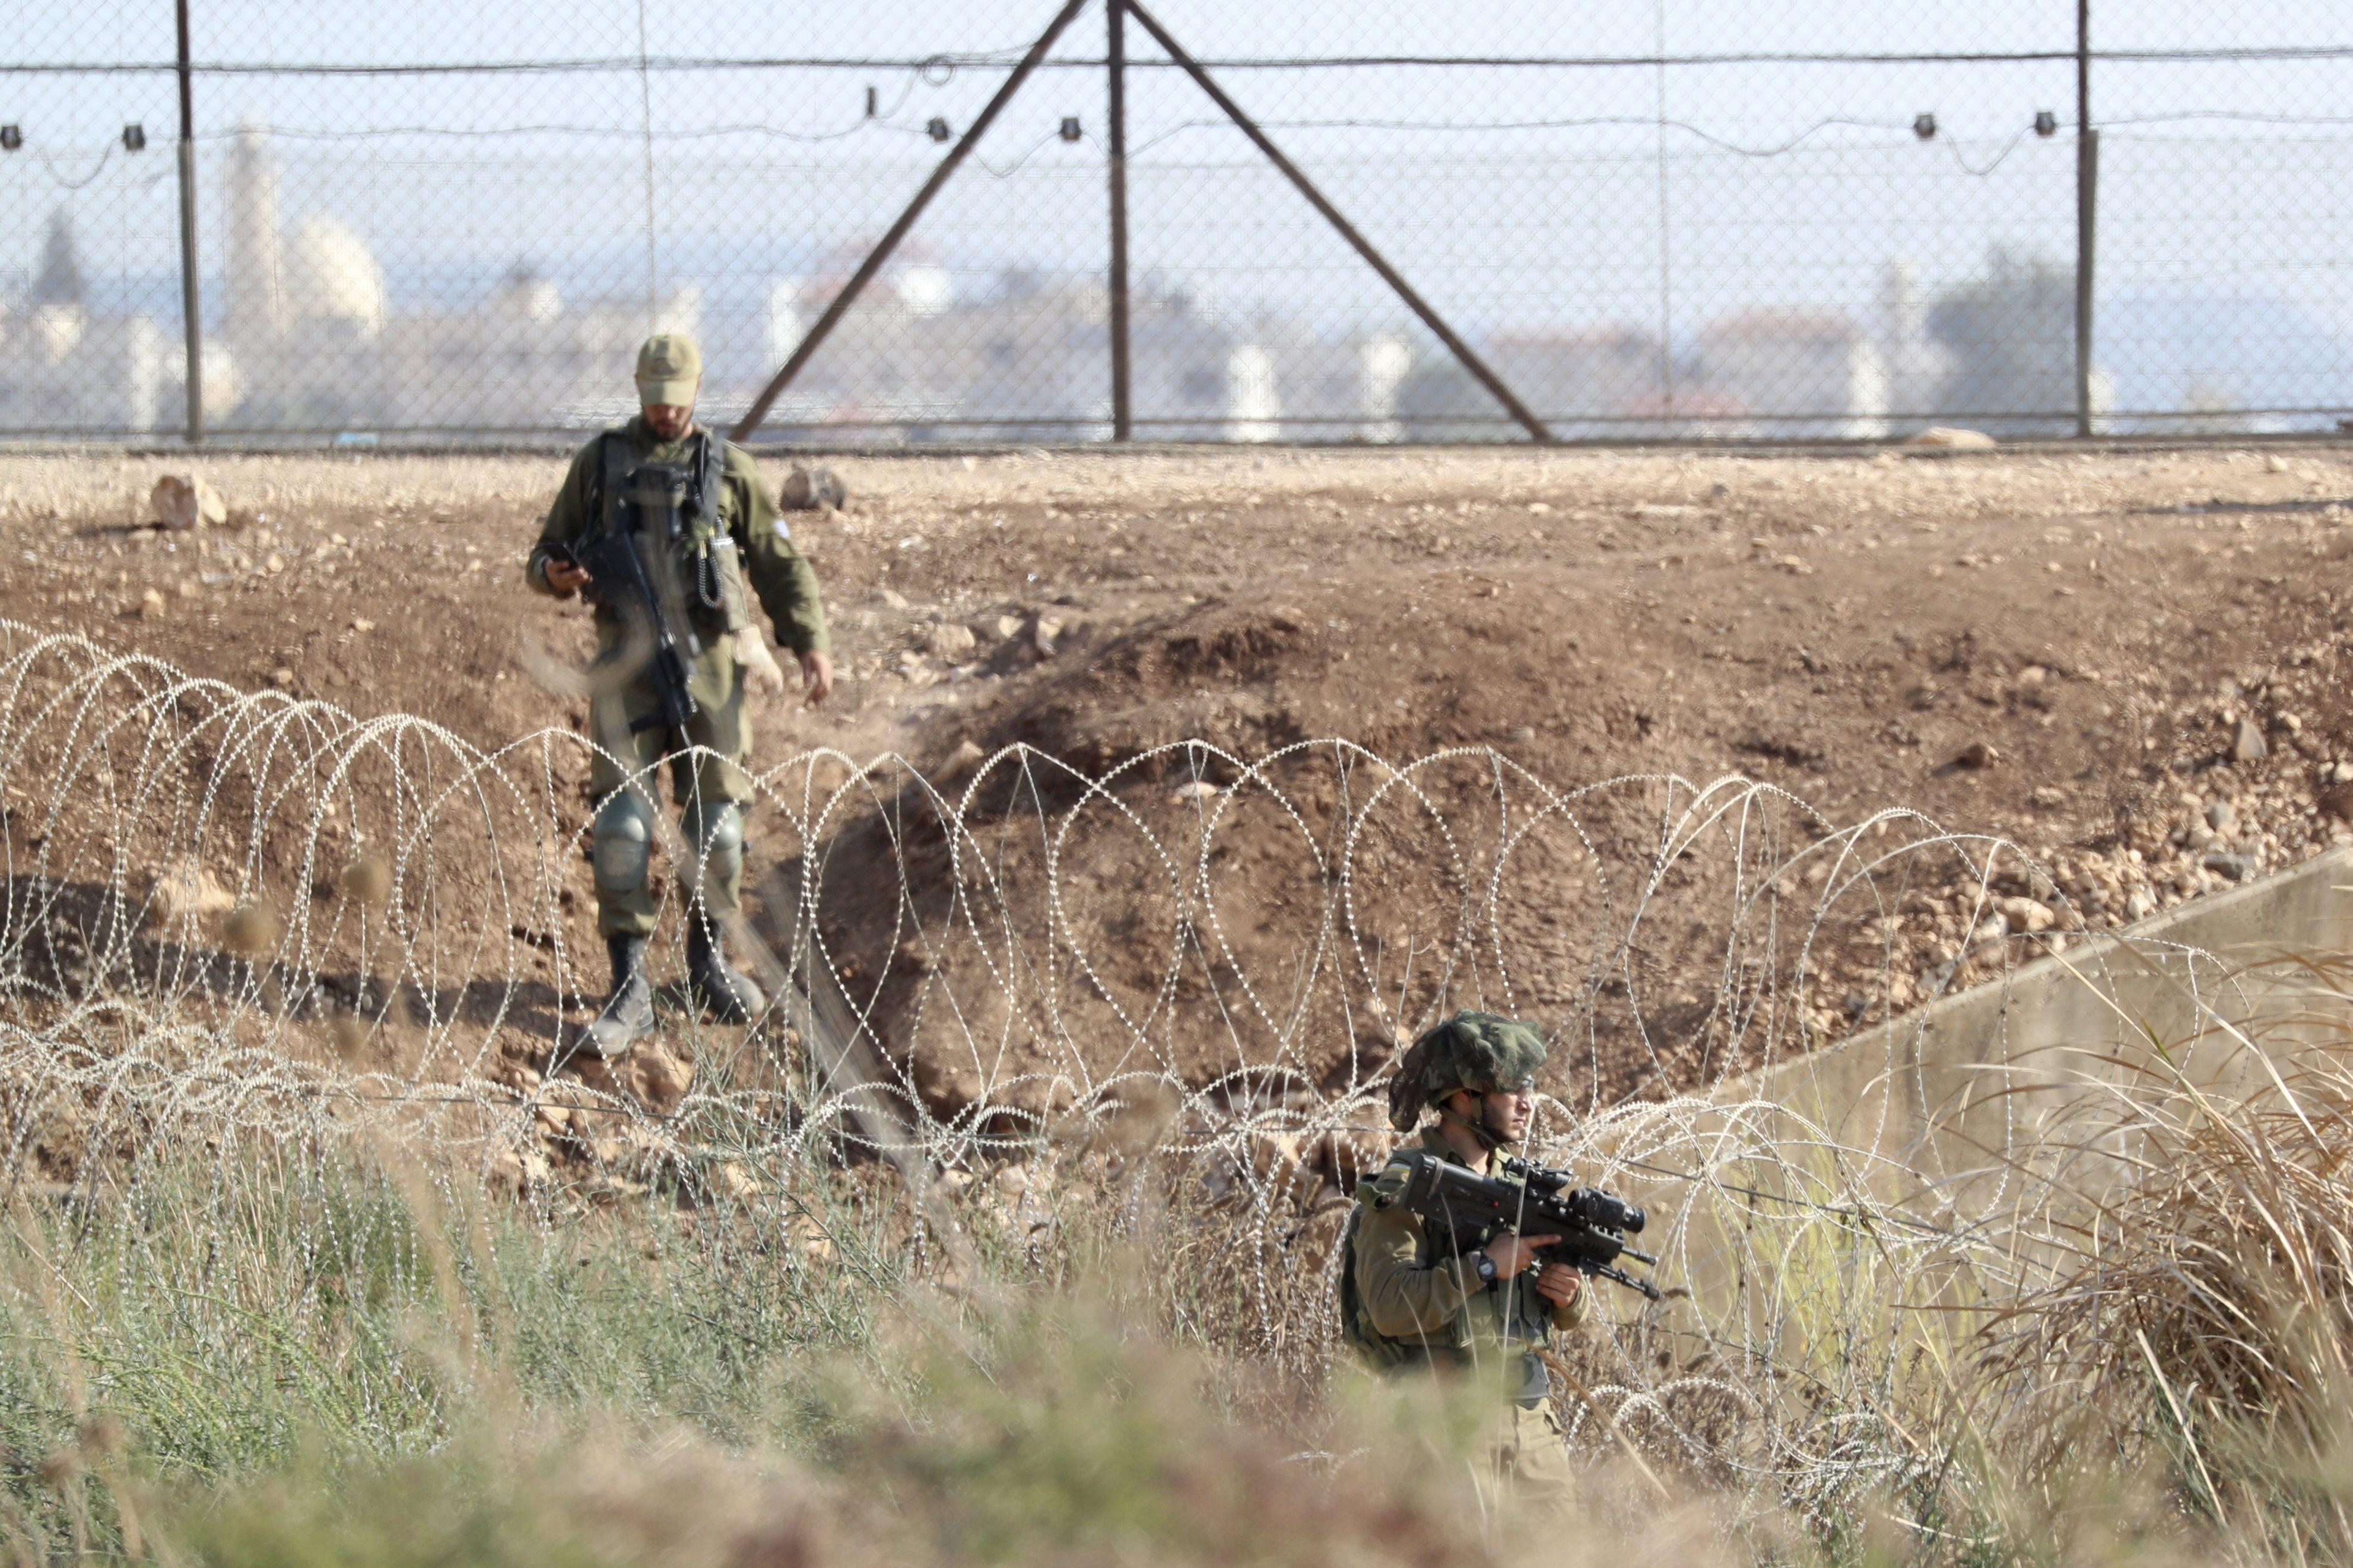 israel recaptura a los 2 reos palestinos fugitivos restantes